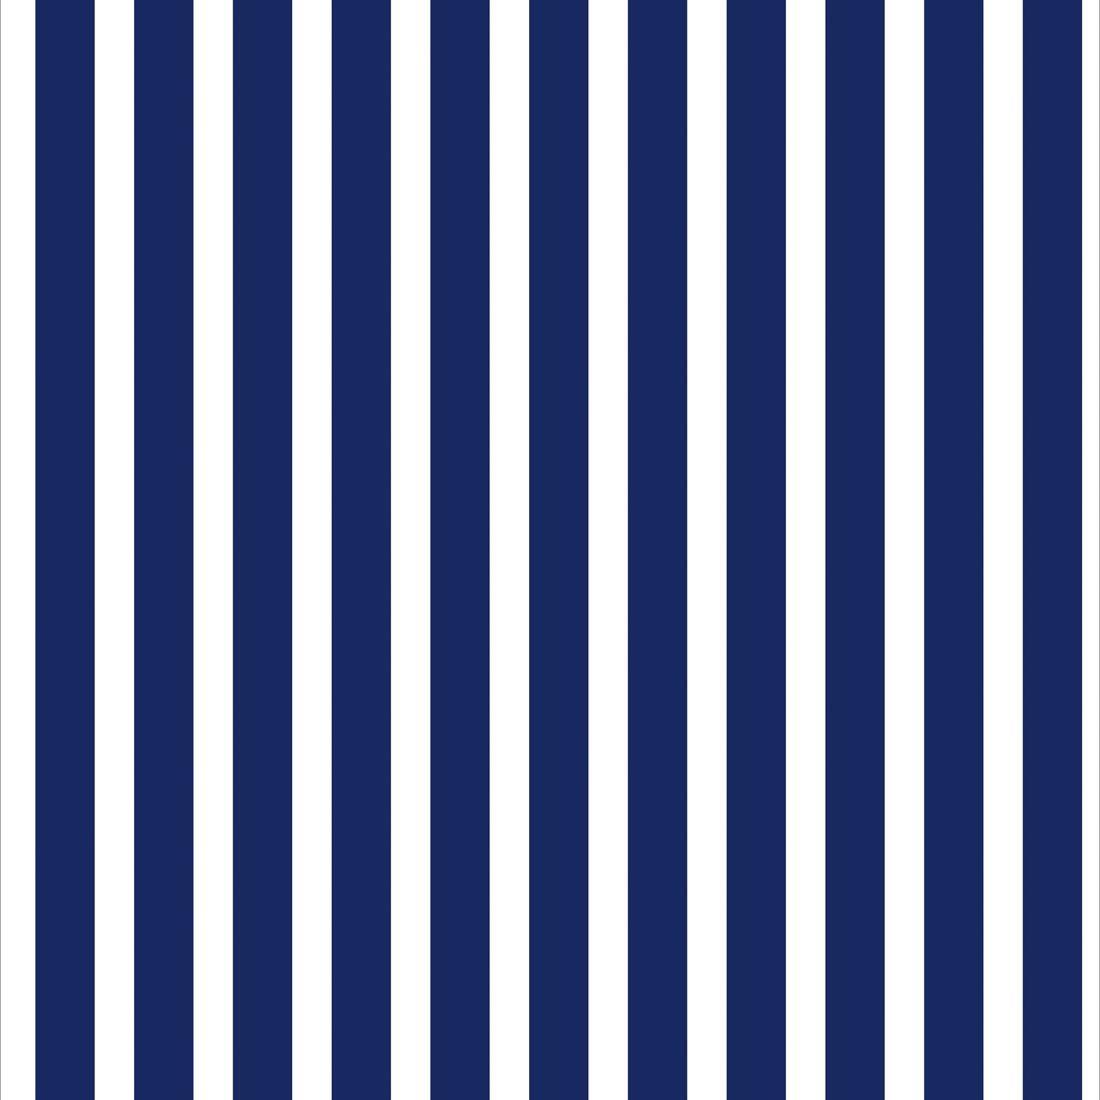 Papel de parede listrado em azul marinho sobre branco for Papel de pared negro